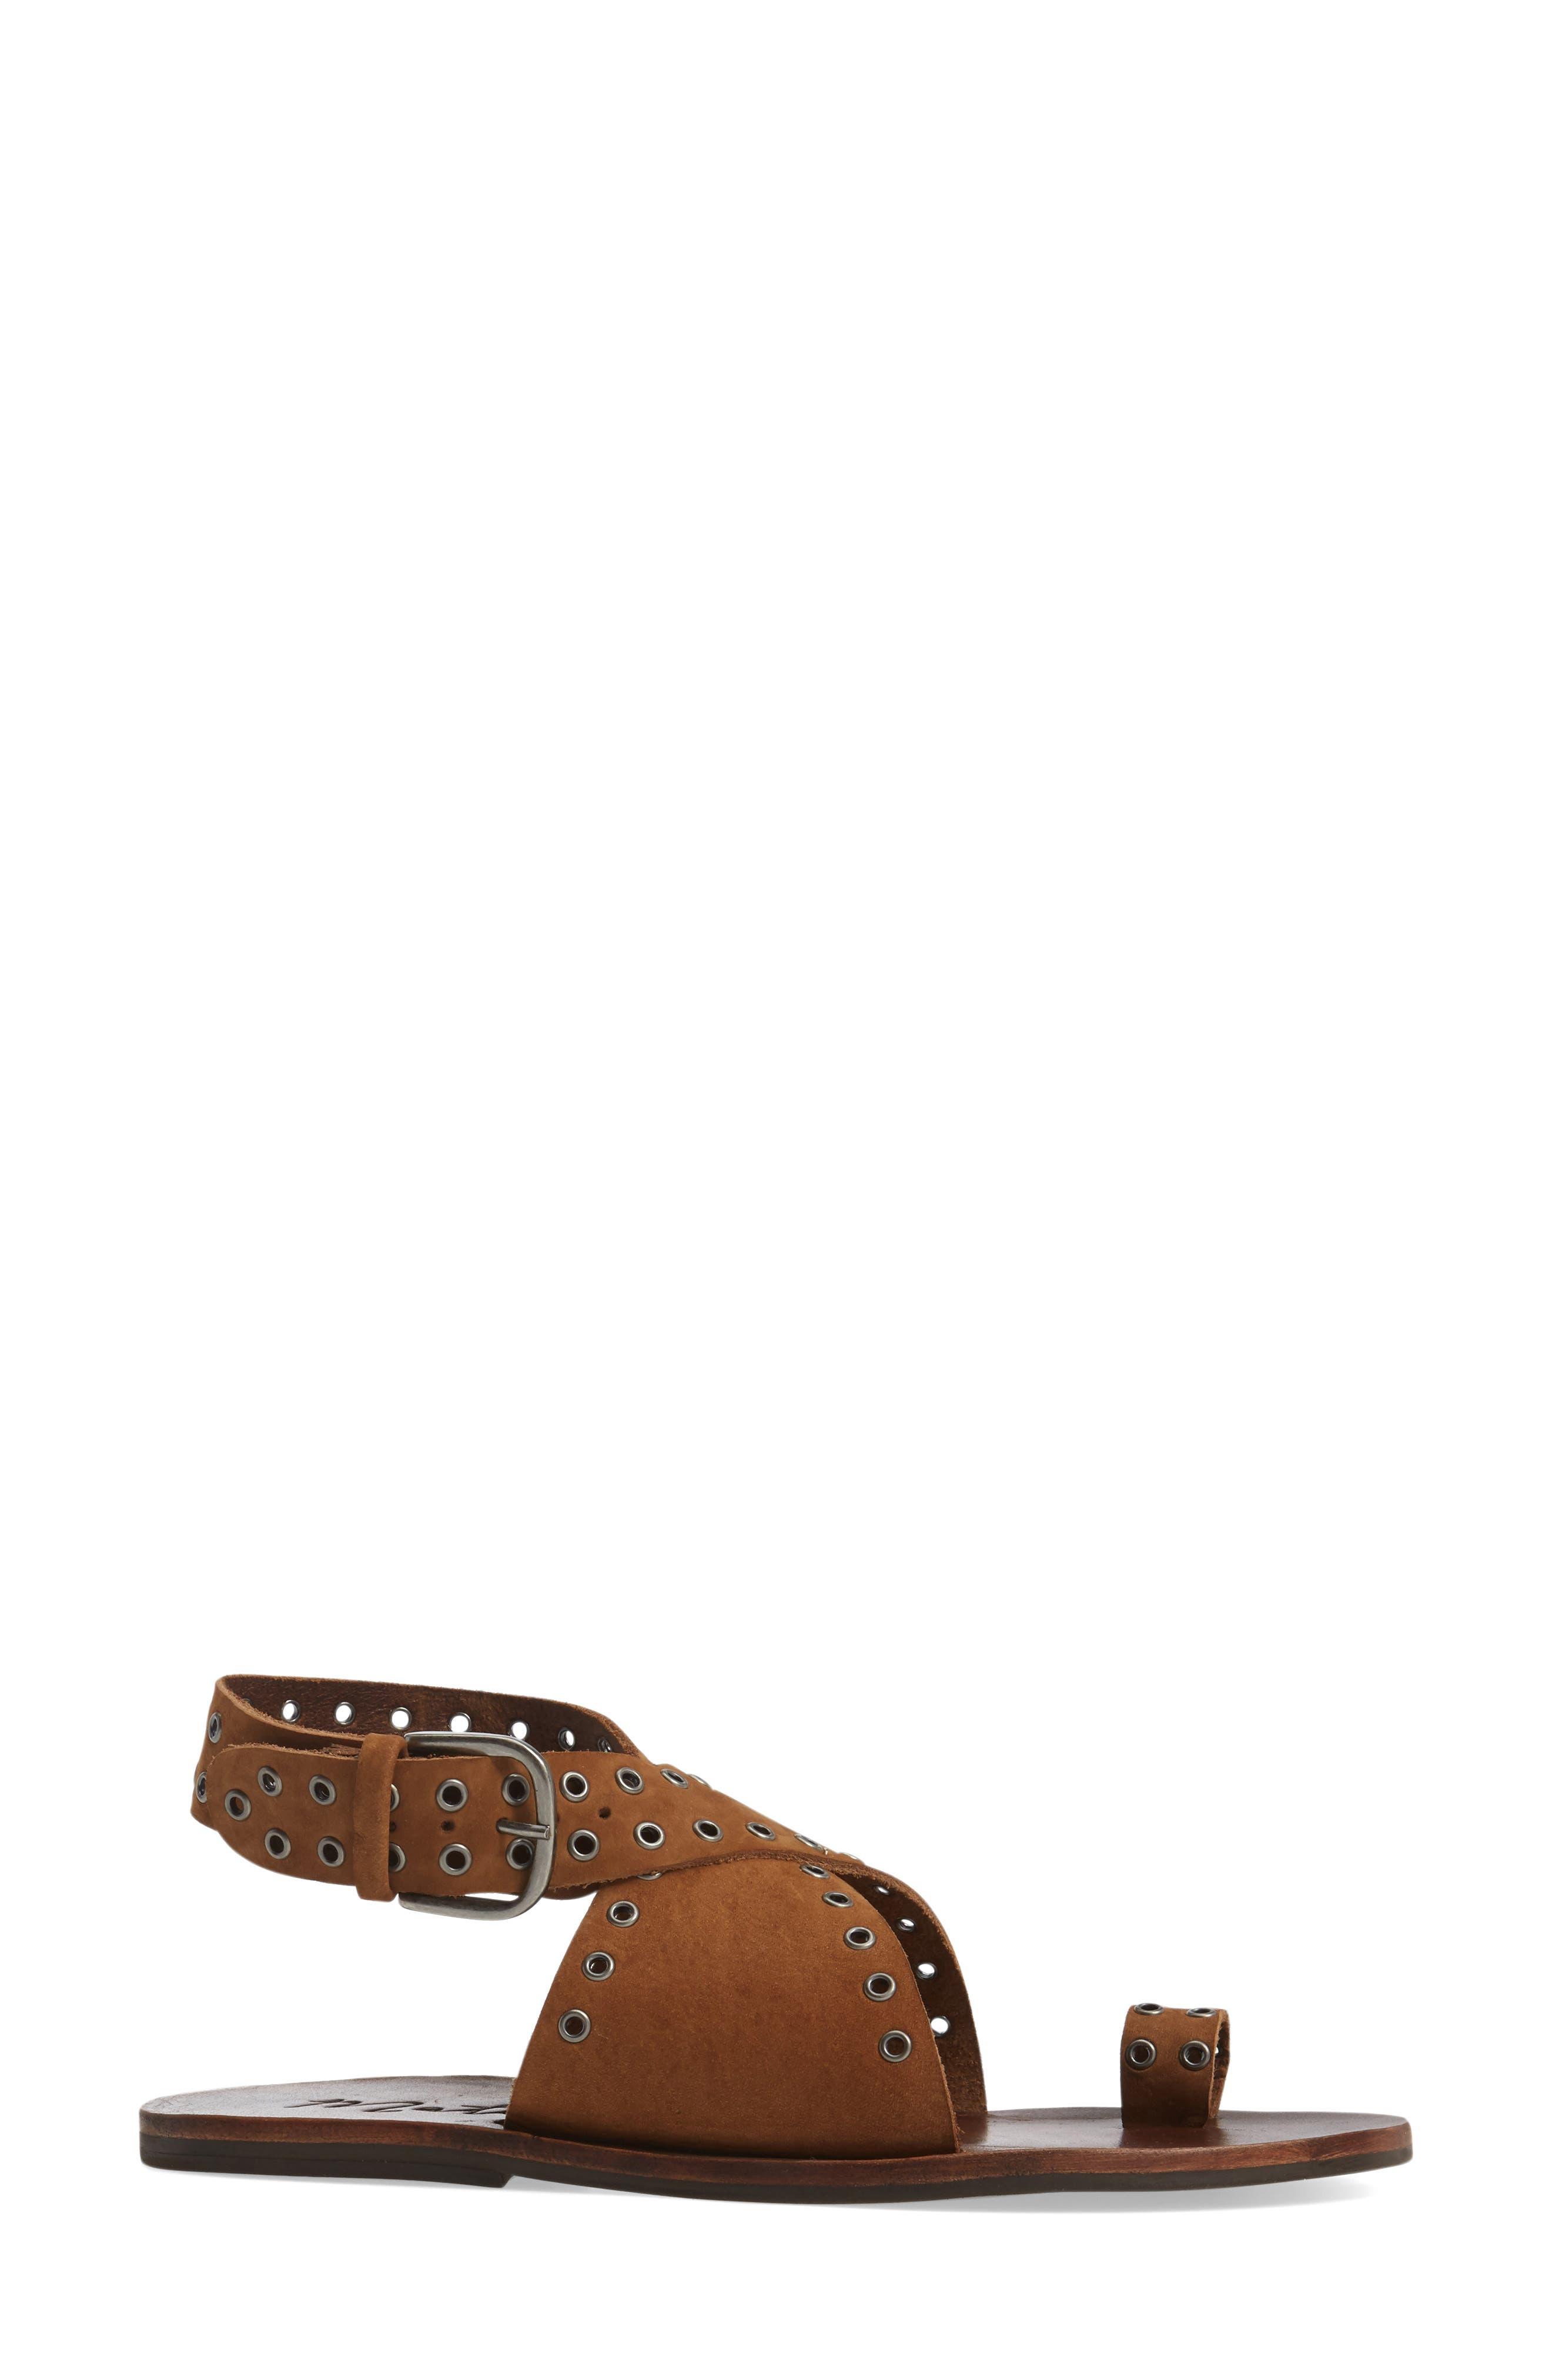 Starling Grommet Sandal,                             Alternate thumbnail 6, color,